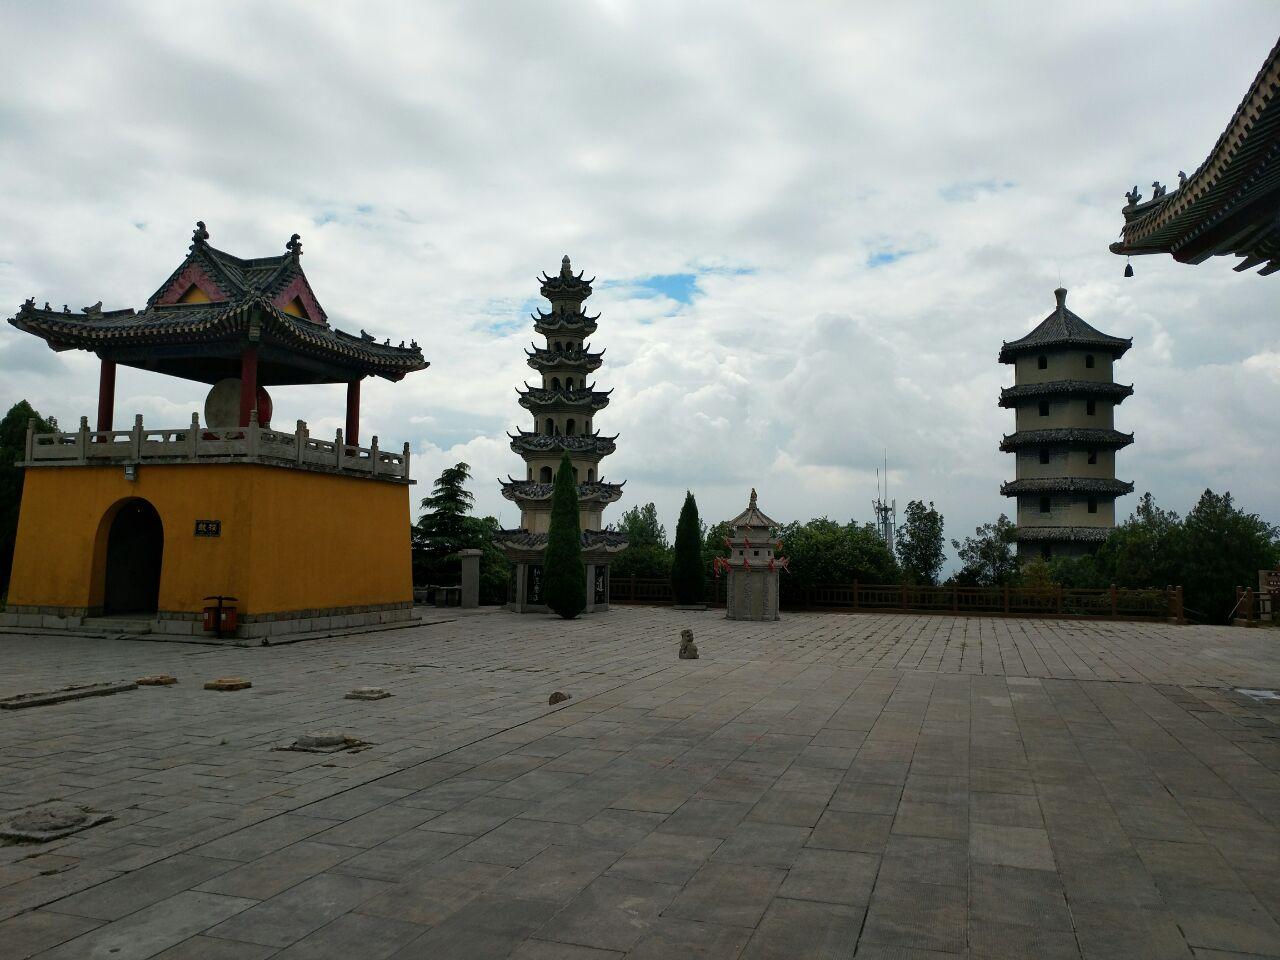 【携程攻略】安徽淮南寿县八公山森林公园好玩吗,安徽